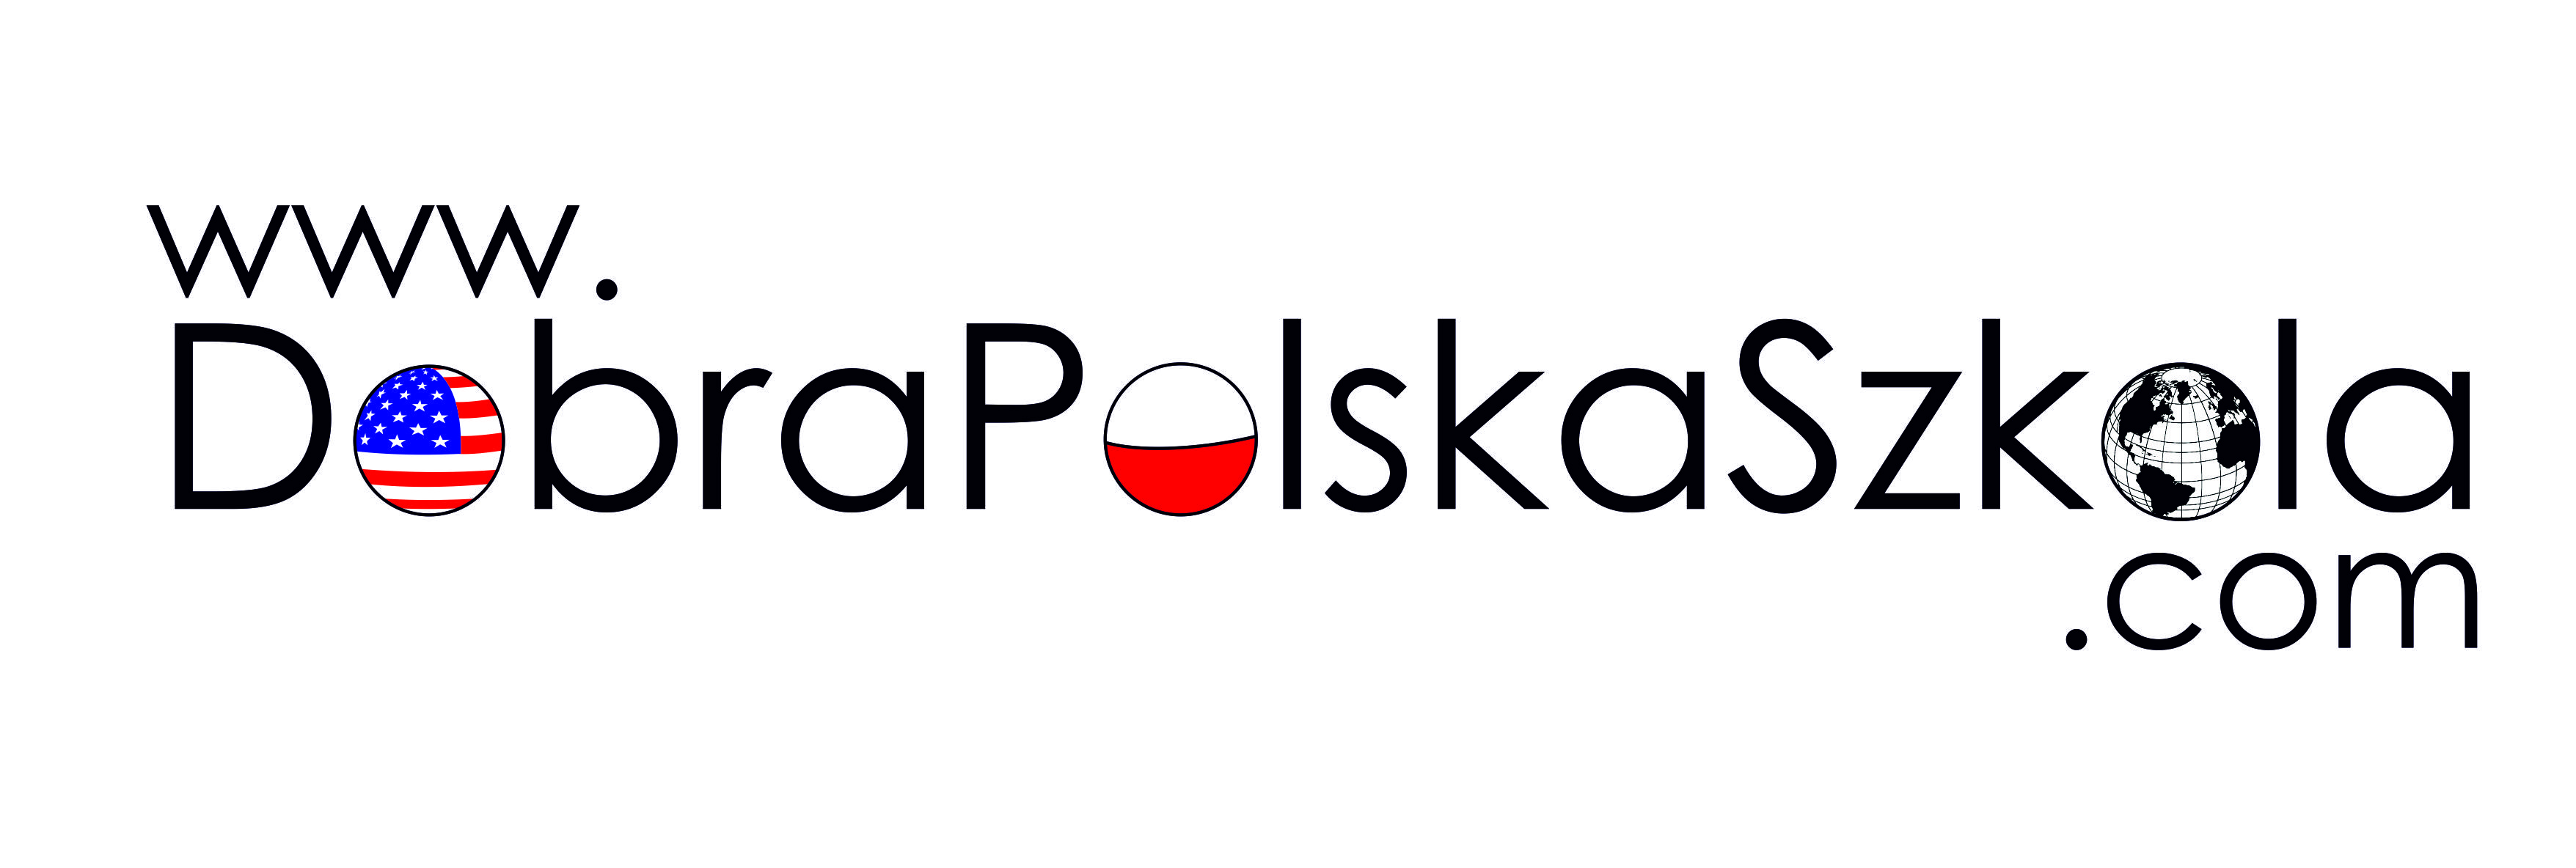 dobrapolskaszkola